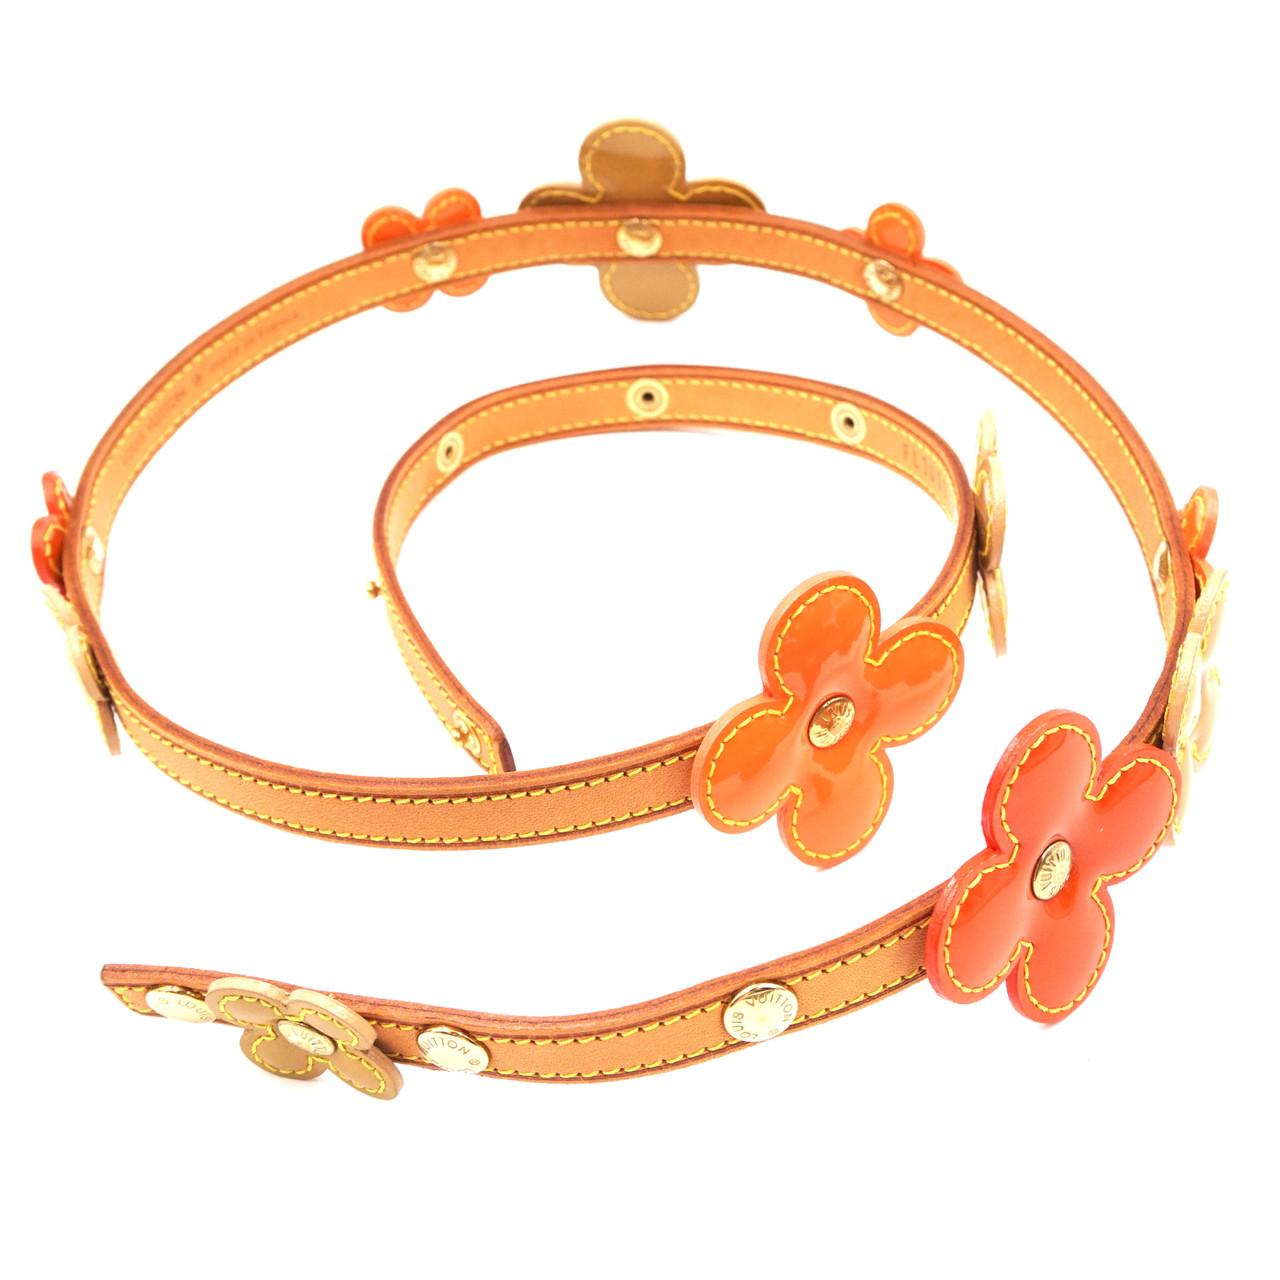 Shop Authentic, Pre-Loved Designer Belts at LePrix